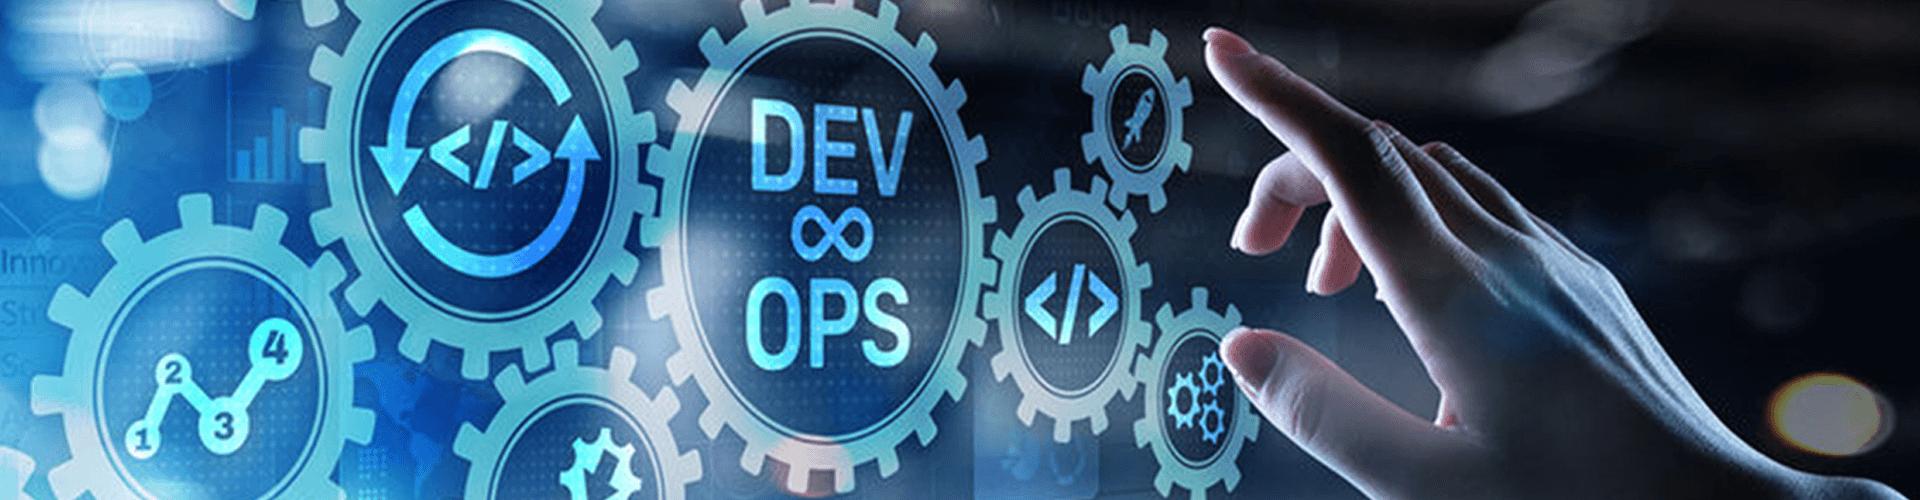 Faster Deployment with DevOps Implementation